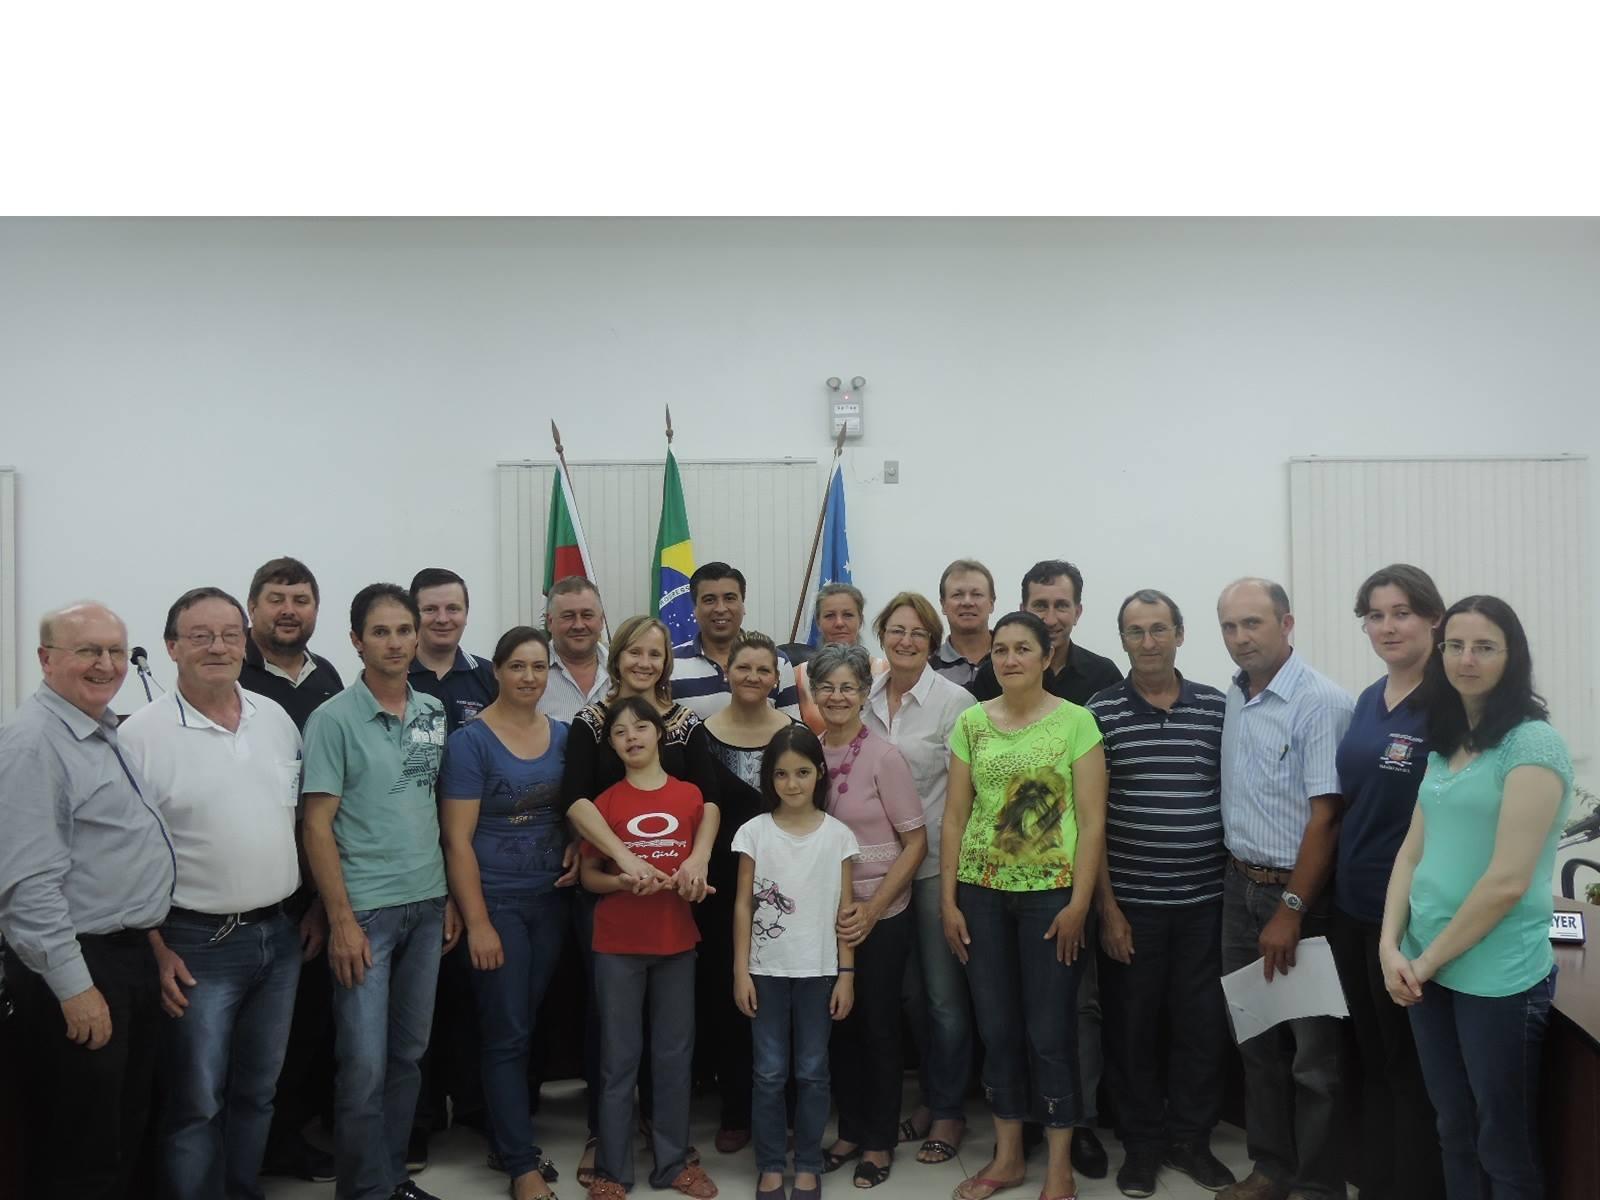 Conselho Municipal dos Direitos da Pessoa com Deficiência acompanha a sessão de 31/08/2015